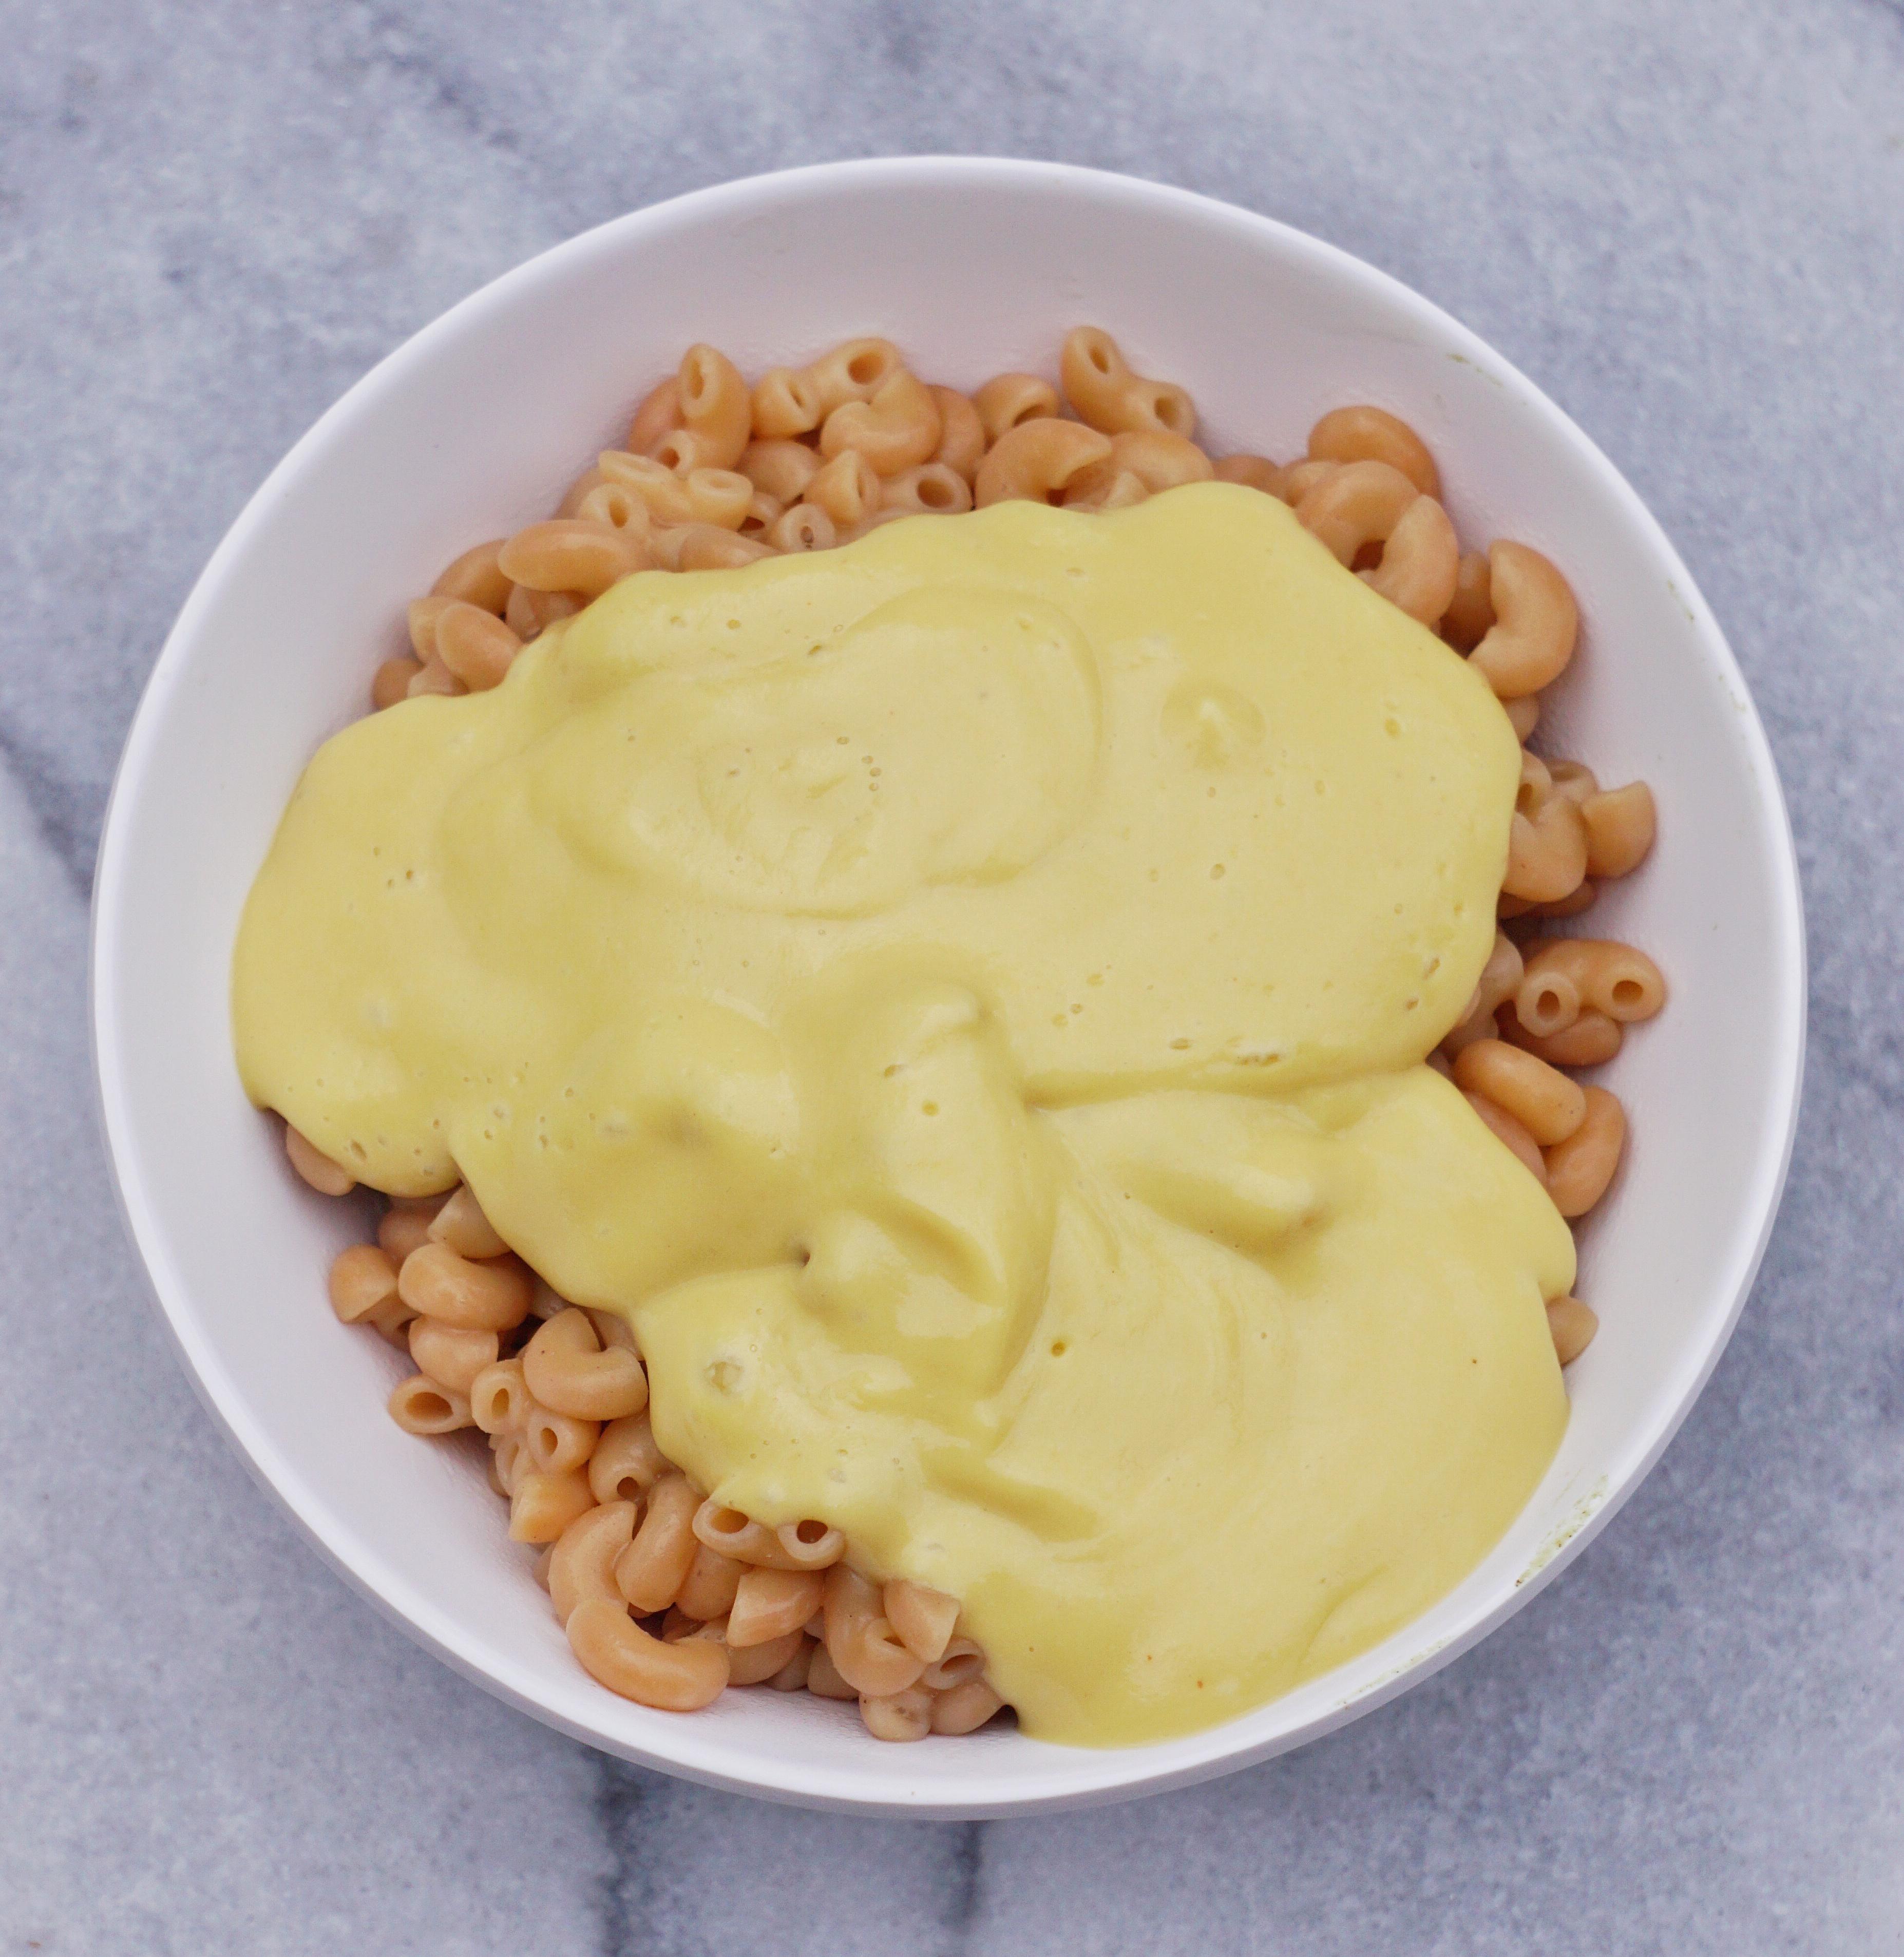 Vegan Mac n Cheese Leahs Plate4 - Vegan & Gluten-Free Mac N' Cheese